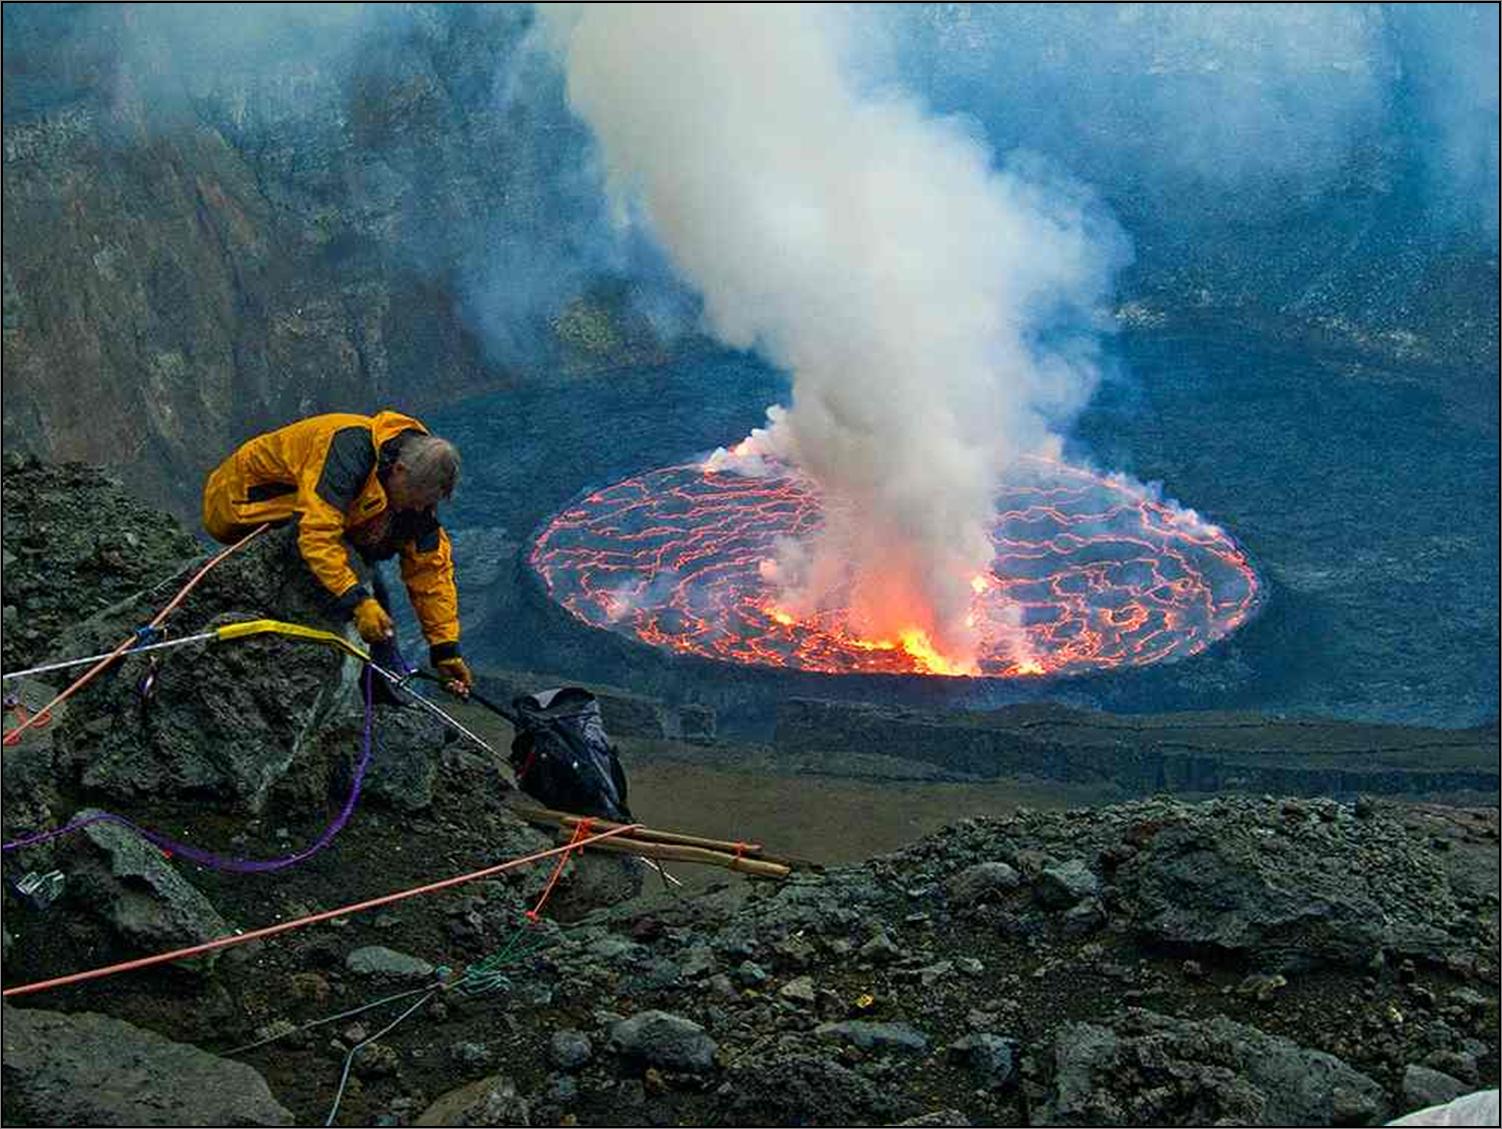 Les 30 plus belles photos de volcans (7/10)